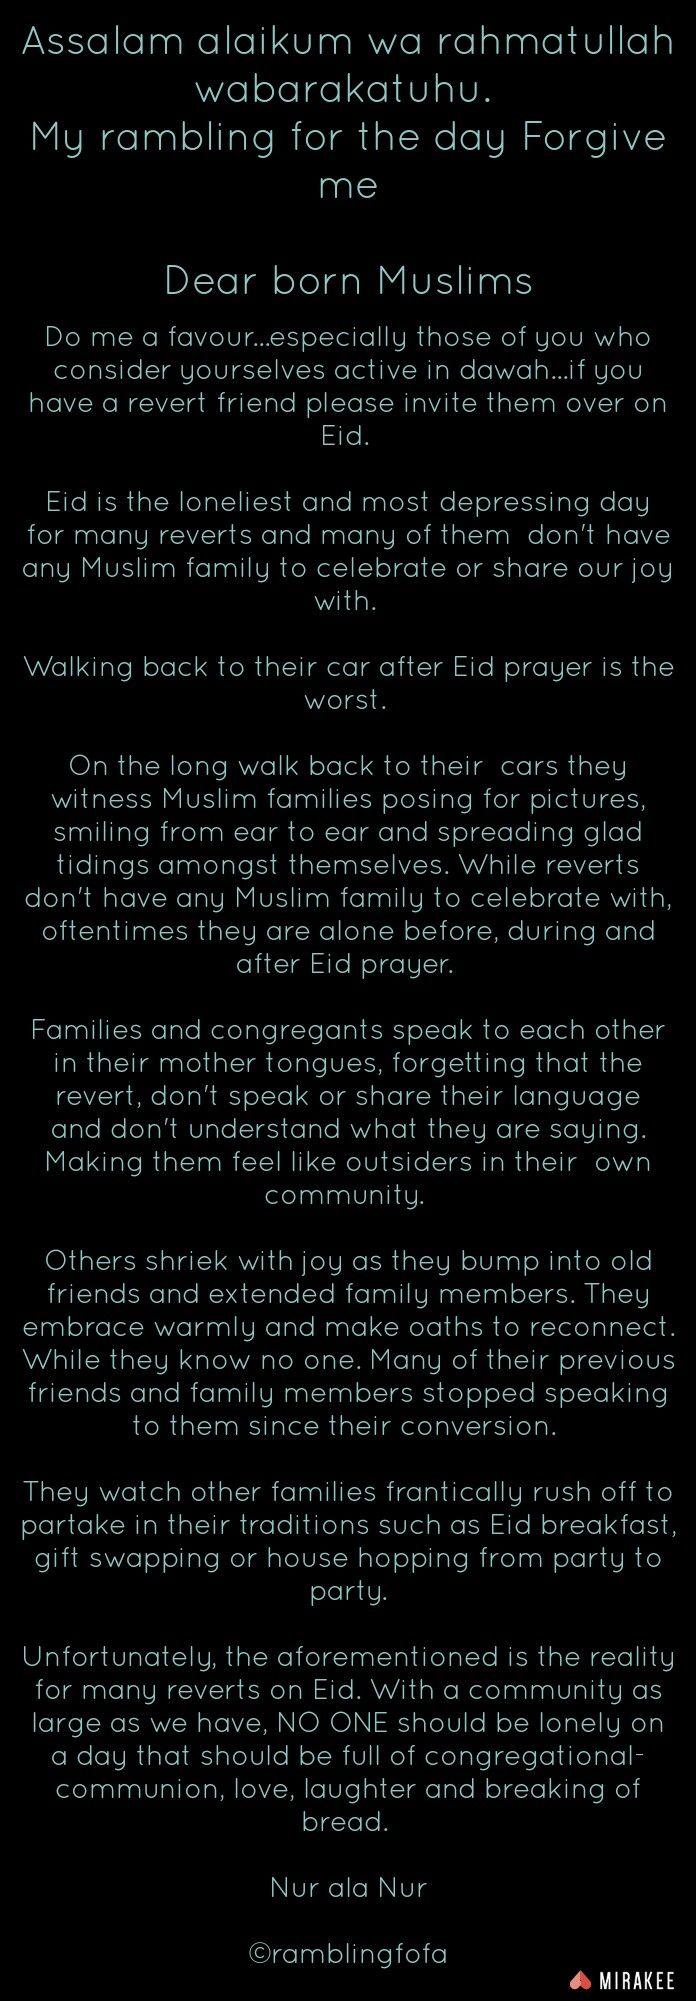 Assalam Alaikum Wa Rahmatullah Wabarakatuhu My Rambling For The Day  Forgive Me Dear Born Muslims